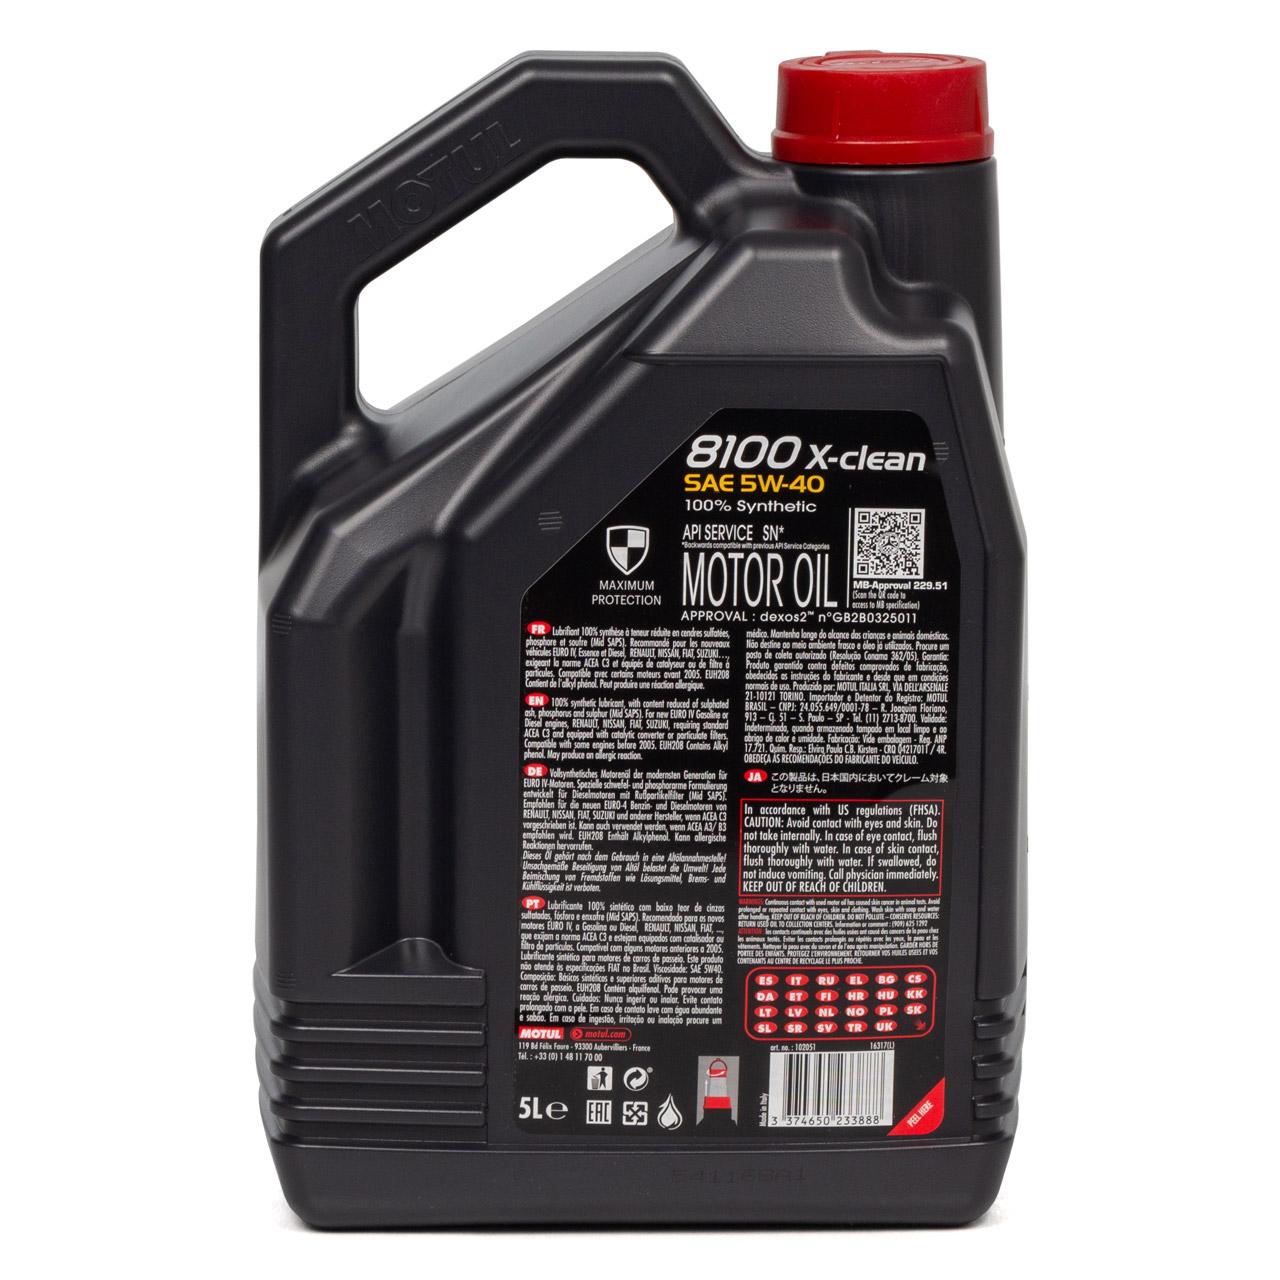 MOTUL 8100 X-Clean Motoröl Öl 5W40 dexos2 VW 502.00/505.00/505.01 - 5L 5 Liter